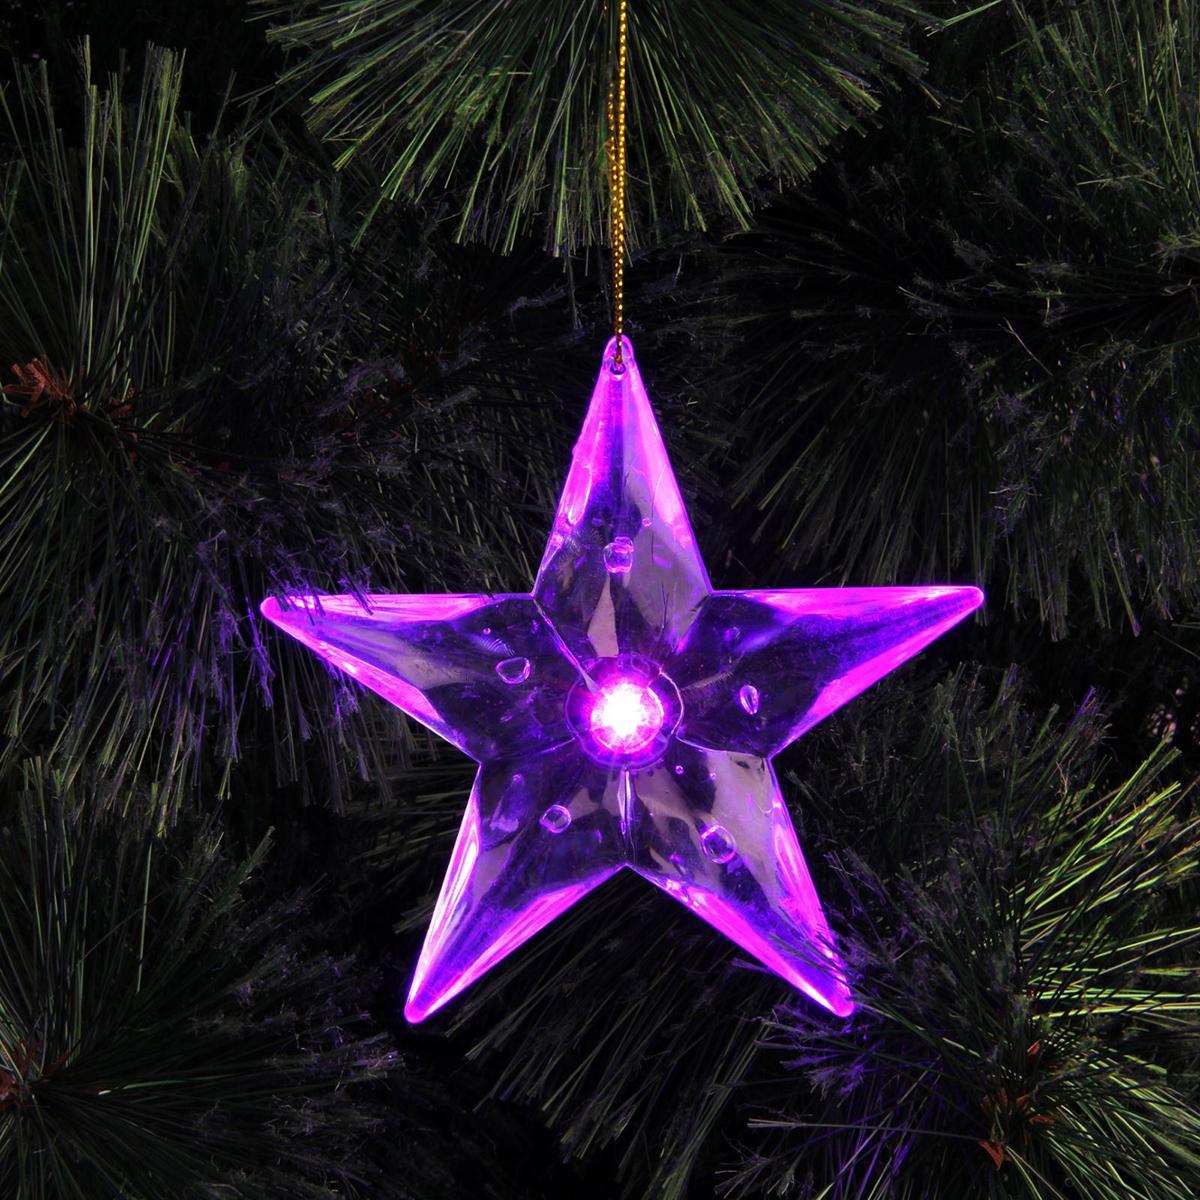 Подвесное украшение праздничное Luazon Lighting Звезда, с подсветкой1077317Оригинальная световая игрушка Звезда станет прекрасным дополнением к праздничному декору. Она работает от батареек и не зависит от розеток, поэтому везде найдет себе место. Повесьте такую игрушку на новогоднюю елку, и дерево засияет так, словно его озарило солнцем. Также этот аксессуар украсит оконные рамы и создаст необычное и таинственное освещение в комнате. Количество светодиодов: 1. Батарейки в комплекте.Пусть торжество заиграет новыми красками!